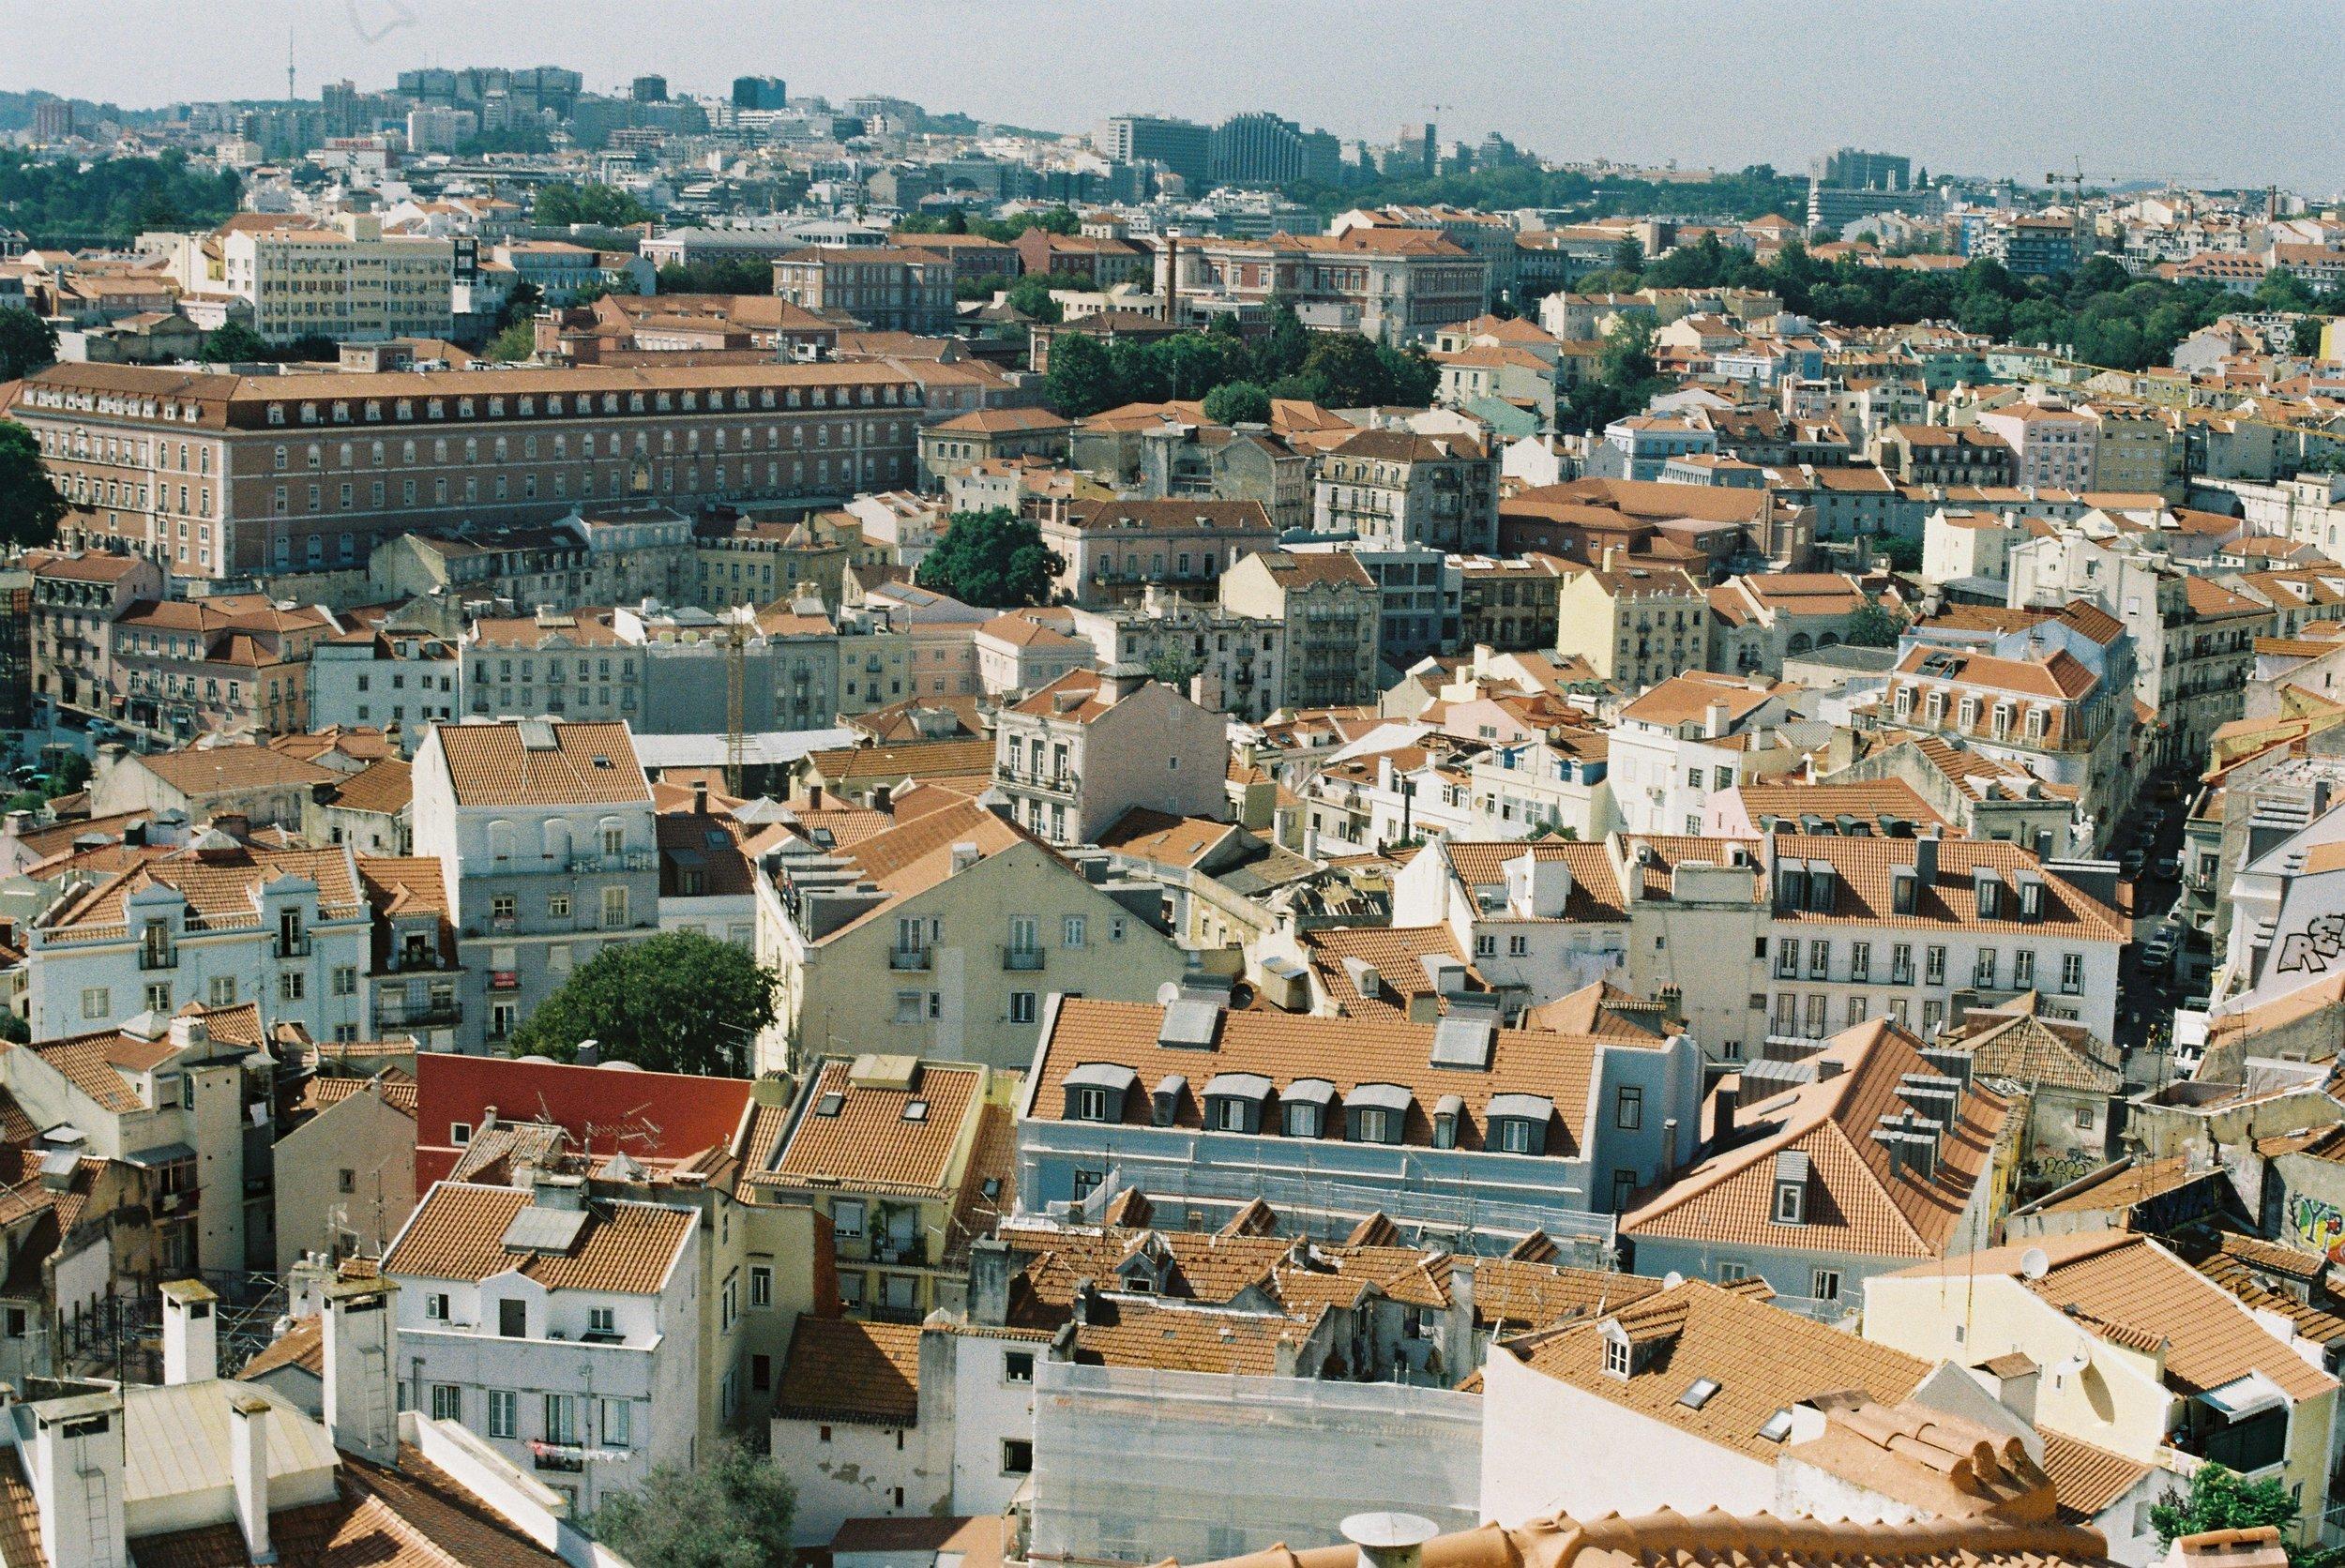 The view from Miradouro de Santa Catarina